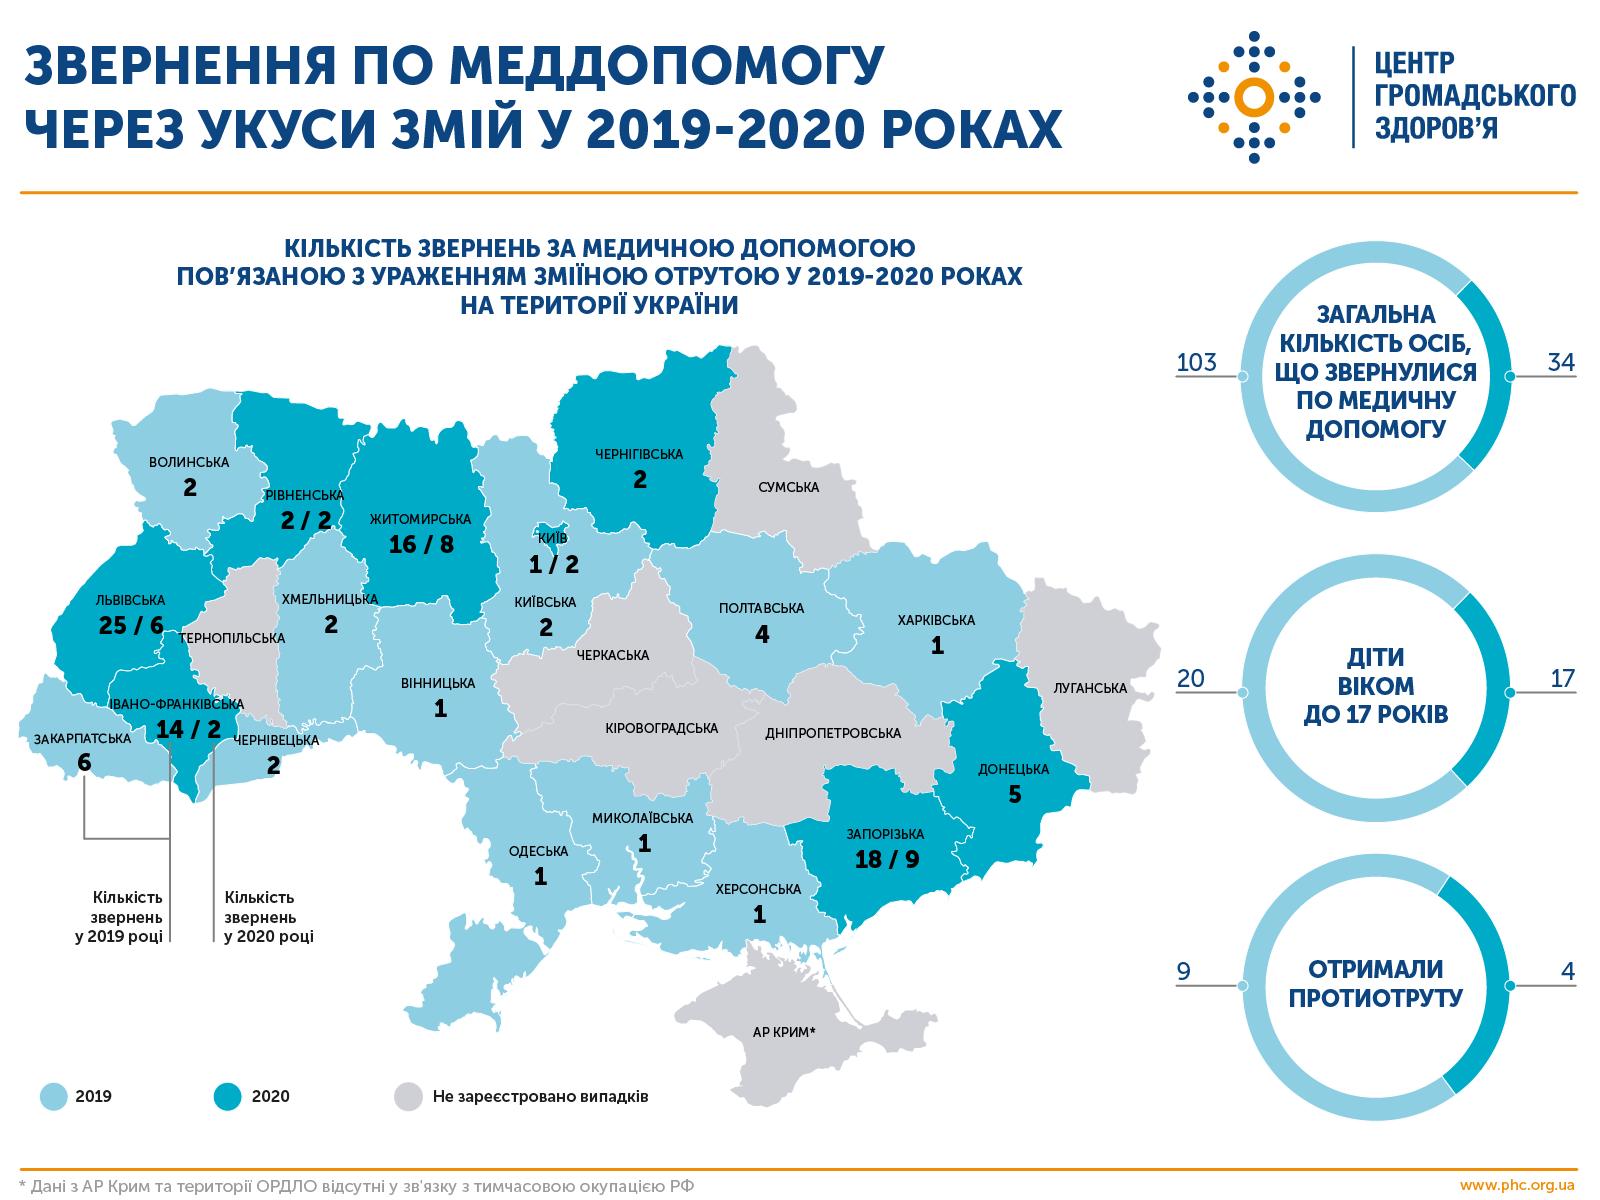 Змії в Україні: що варто знати -  - 109203324 2076351989156185 5970639763059753993 o